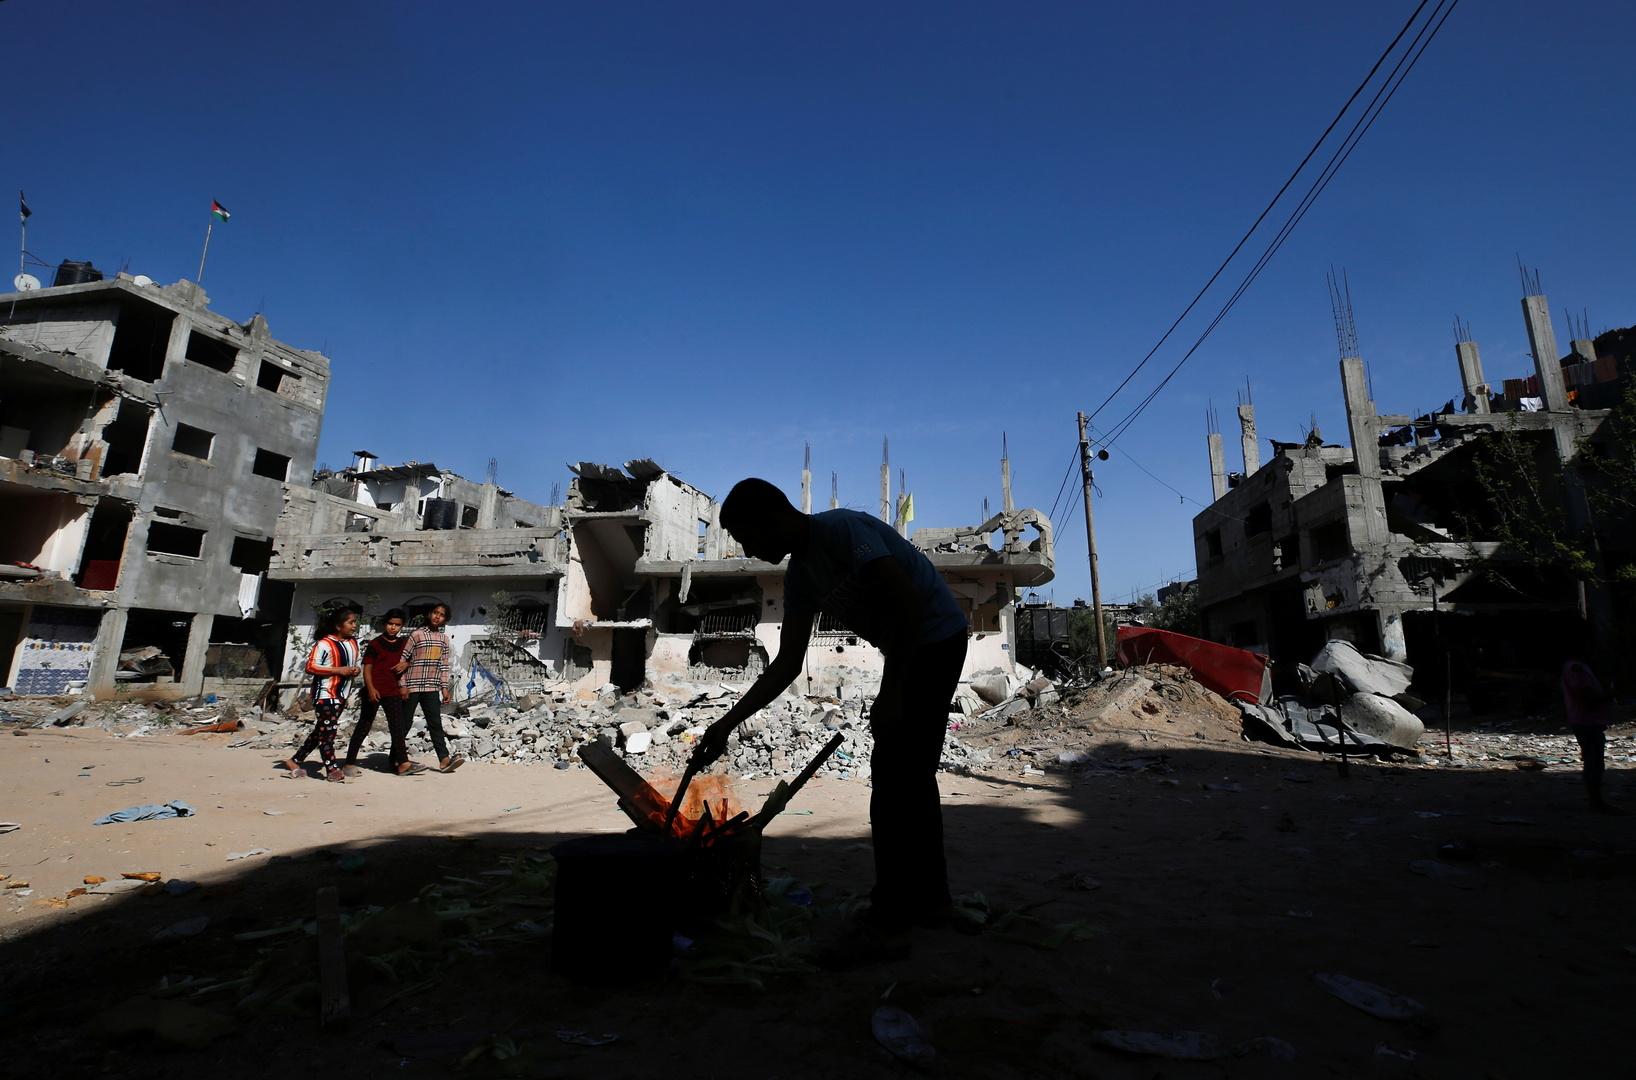 إسرائيل تطلب من مصر منع دخول الإسمنت ومواد البناء إلى غزة